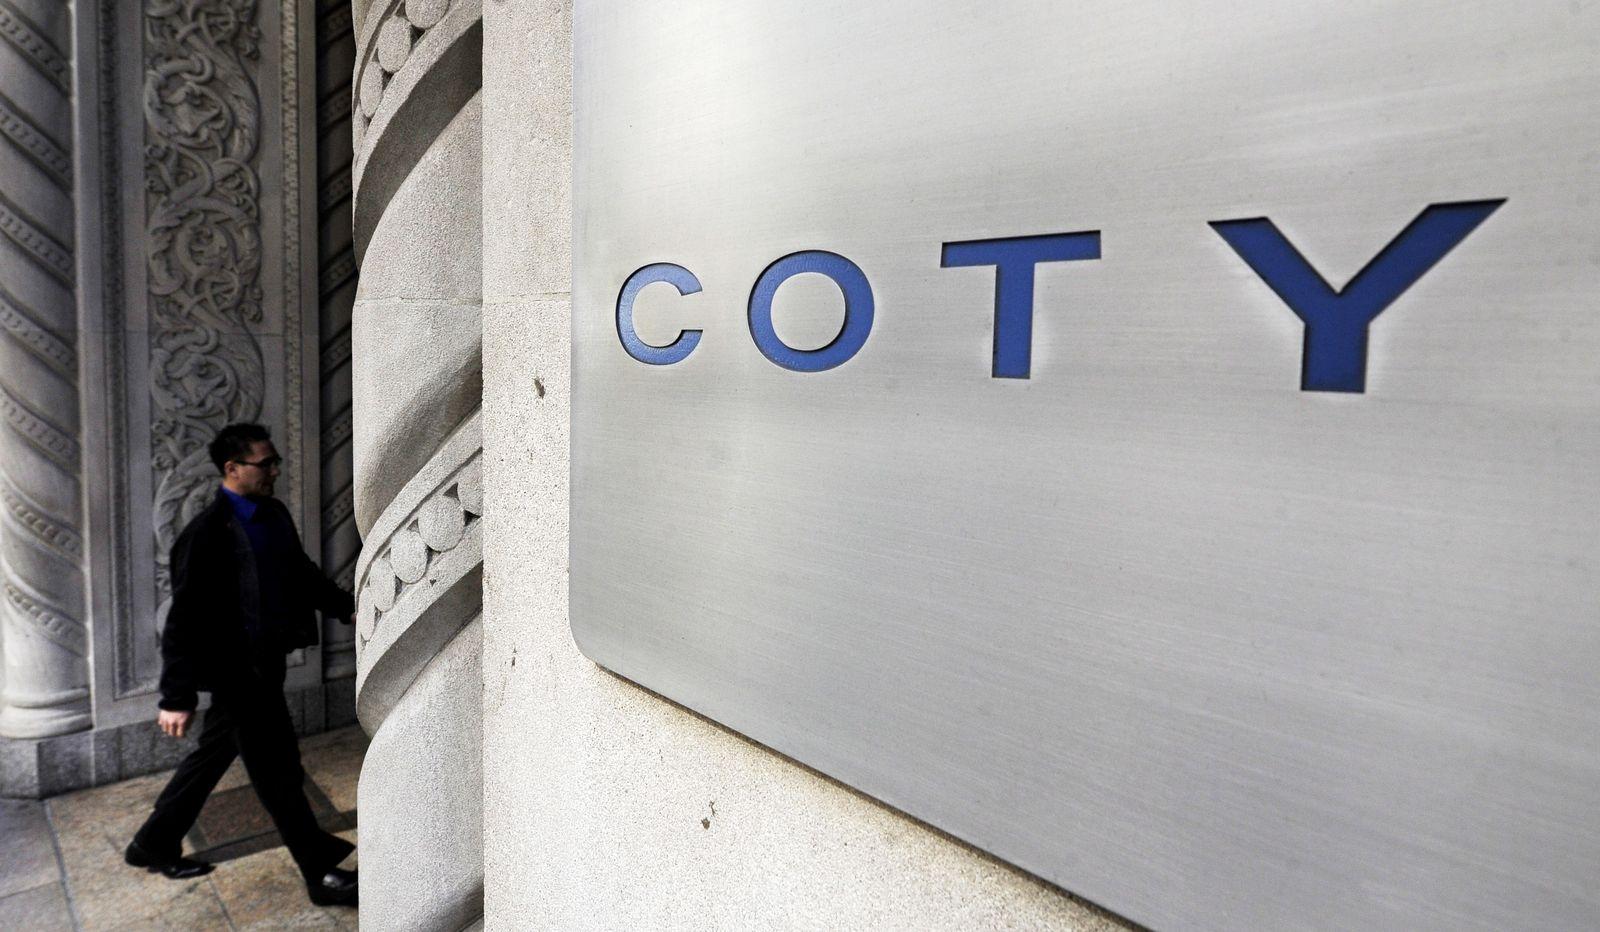 Kosmetikhersteller Coty